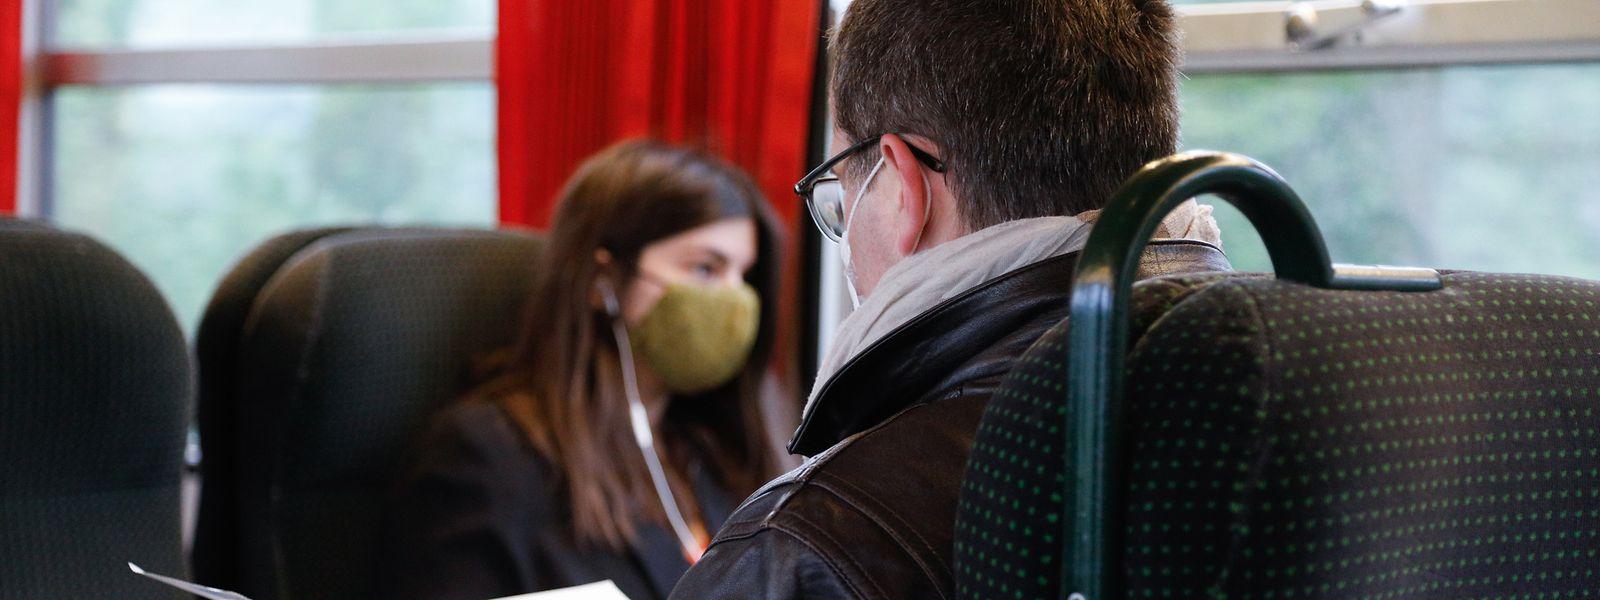 Auch in Zügen ist das Tragen einer Maske Pflicht.